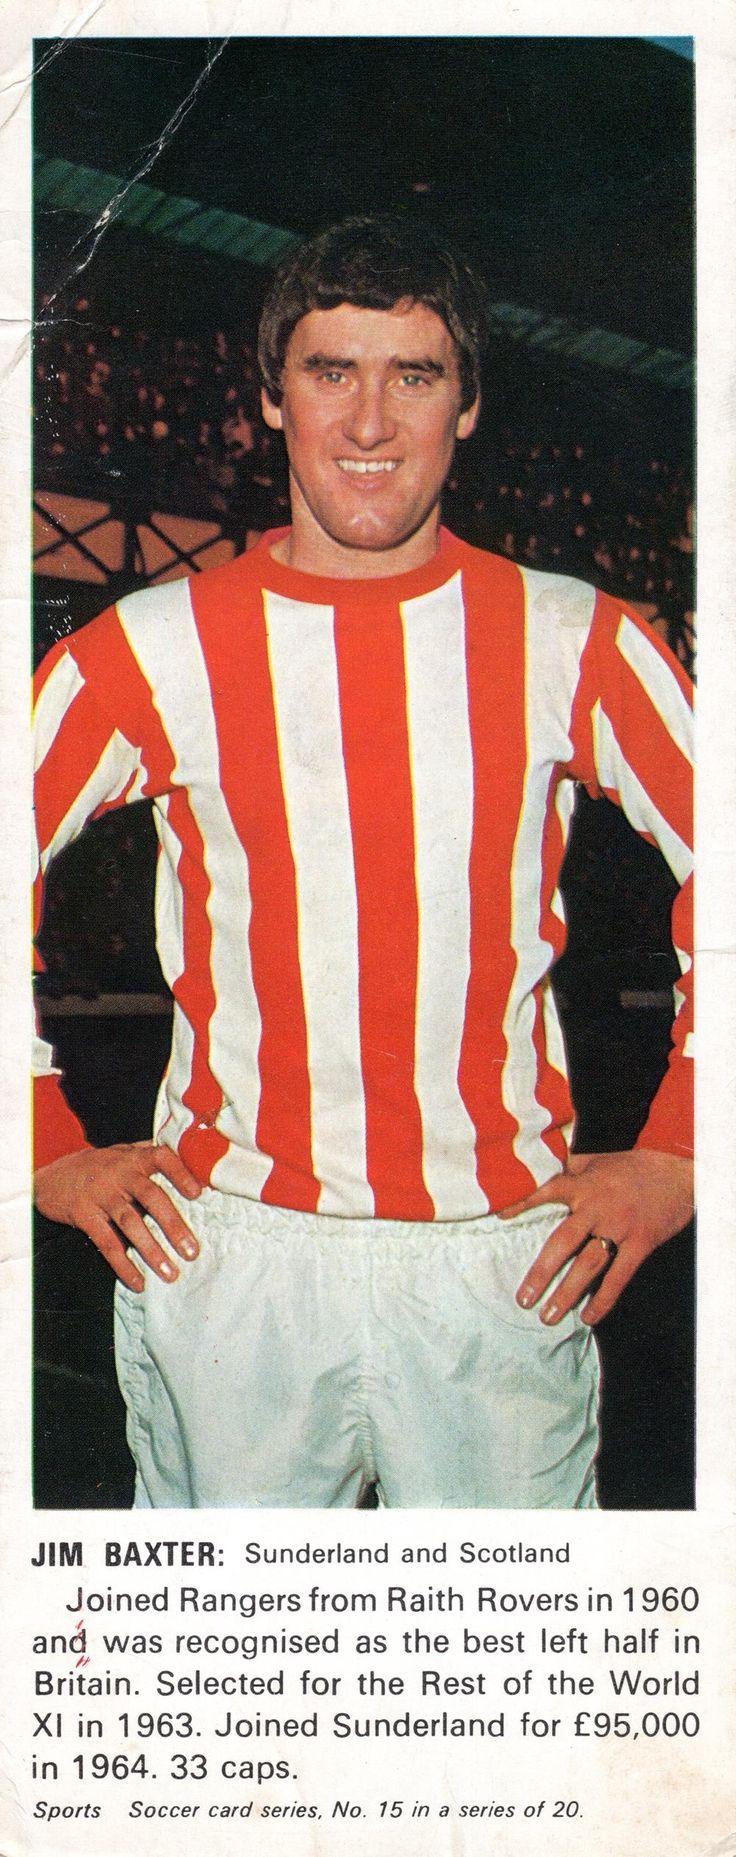 Jim Baxter of Sunderland in 1965.